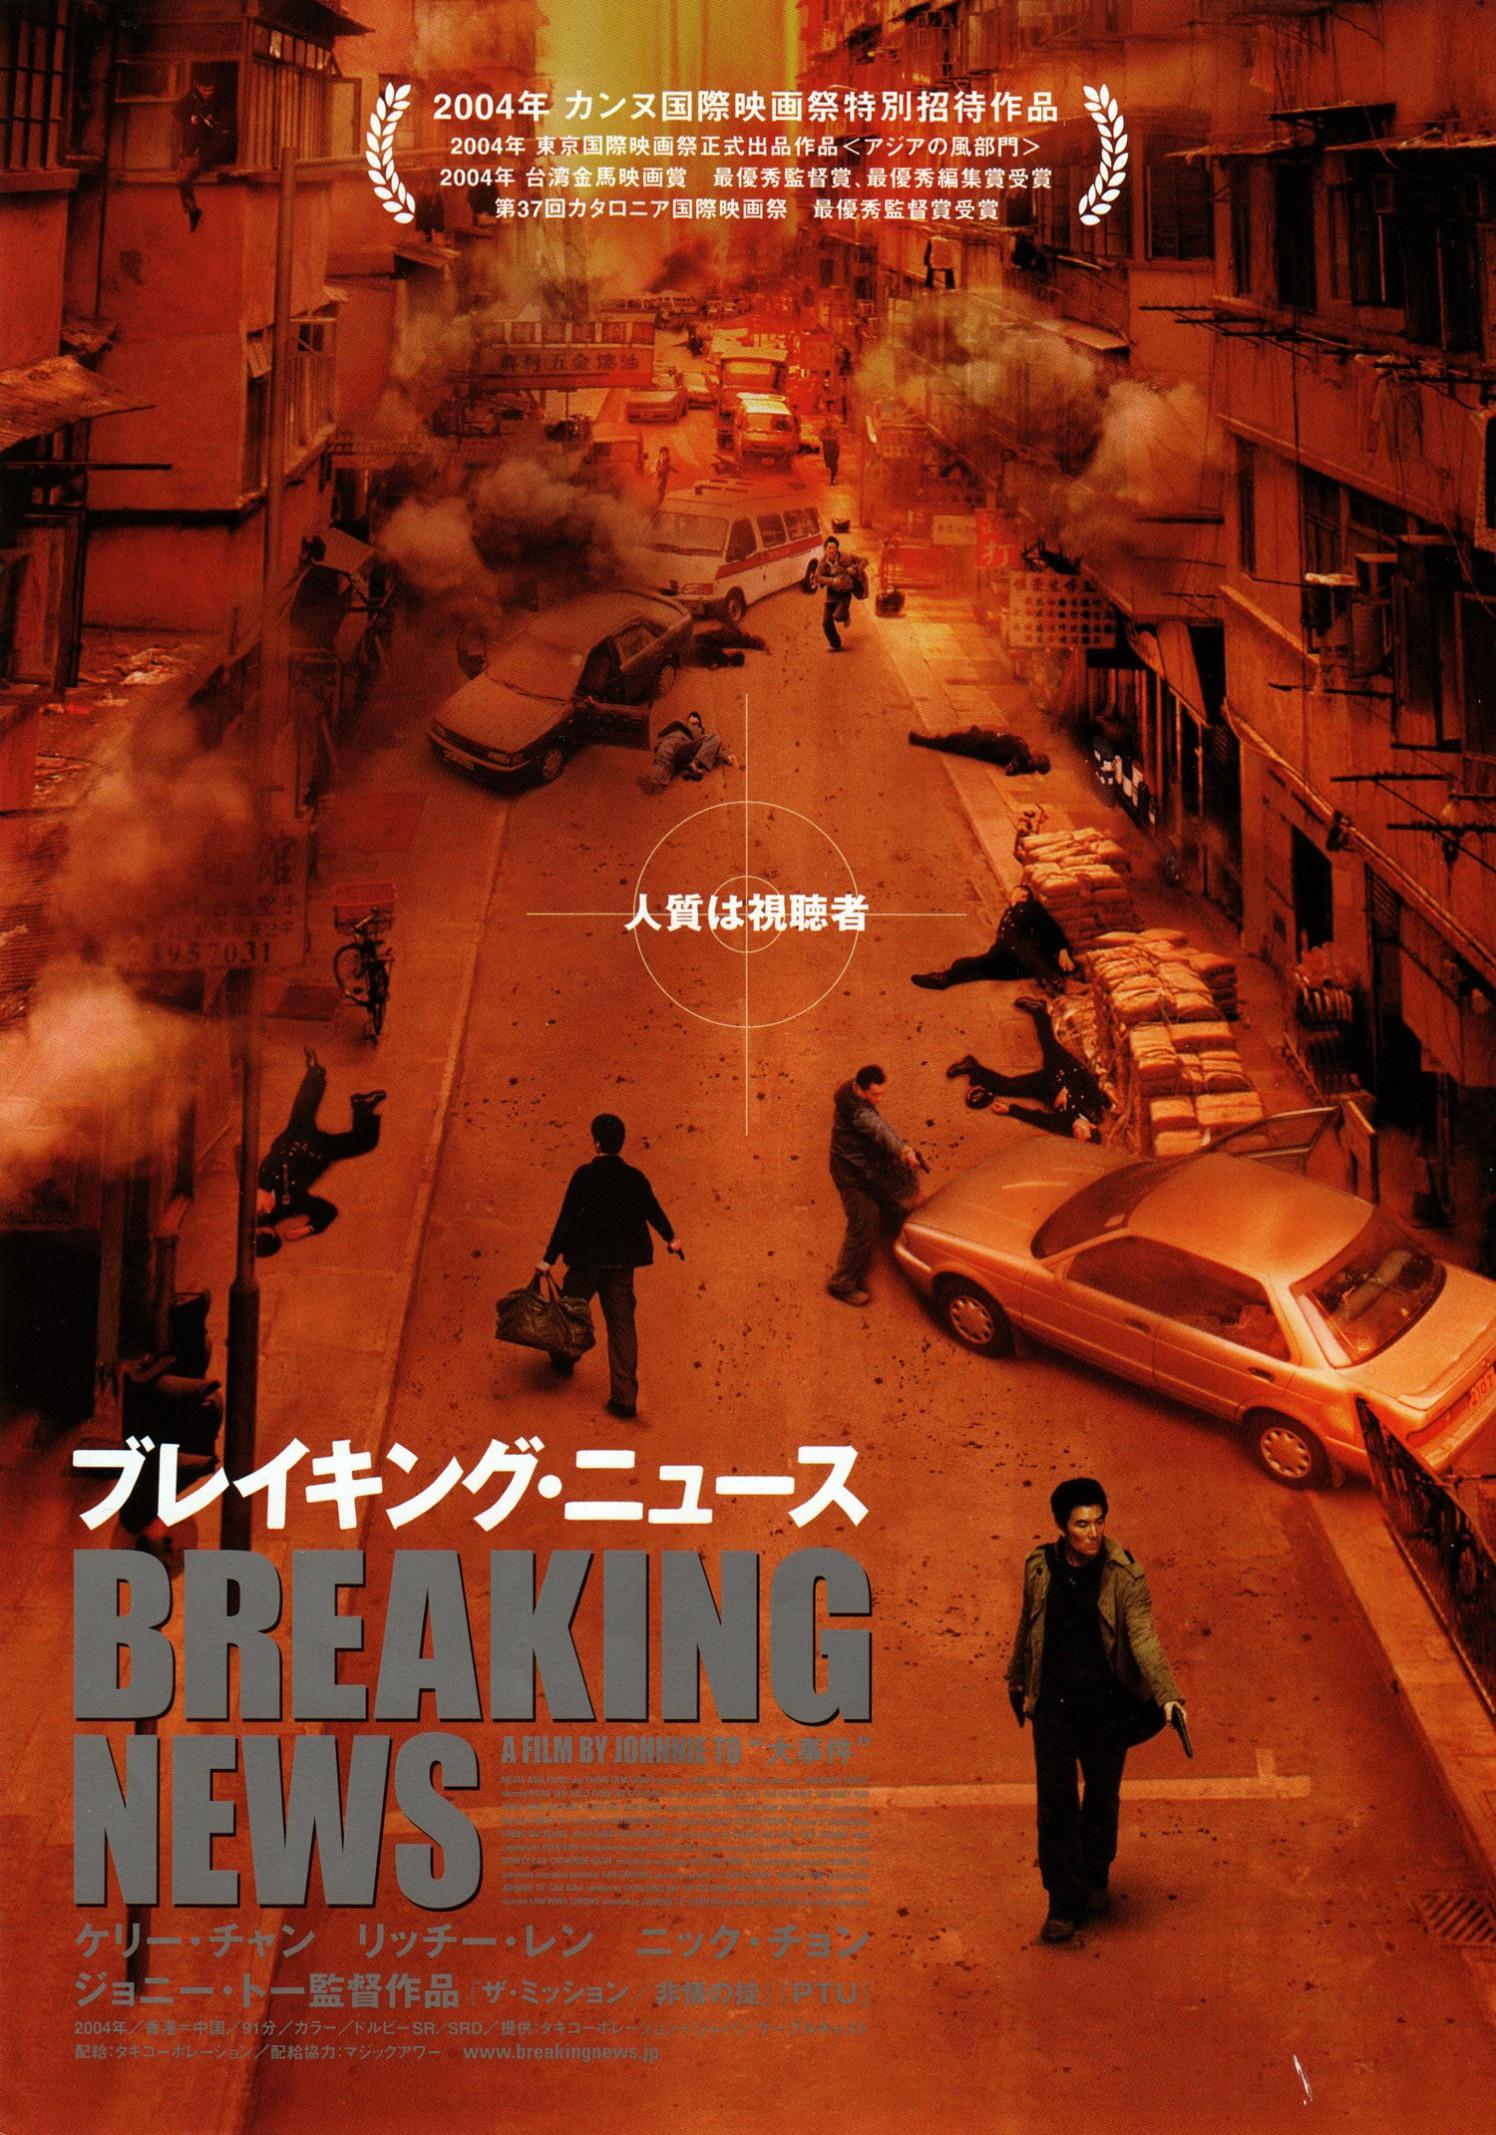 breakingnews-japan-1